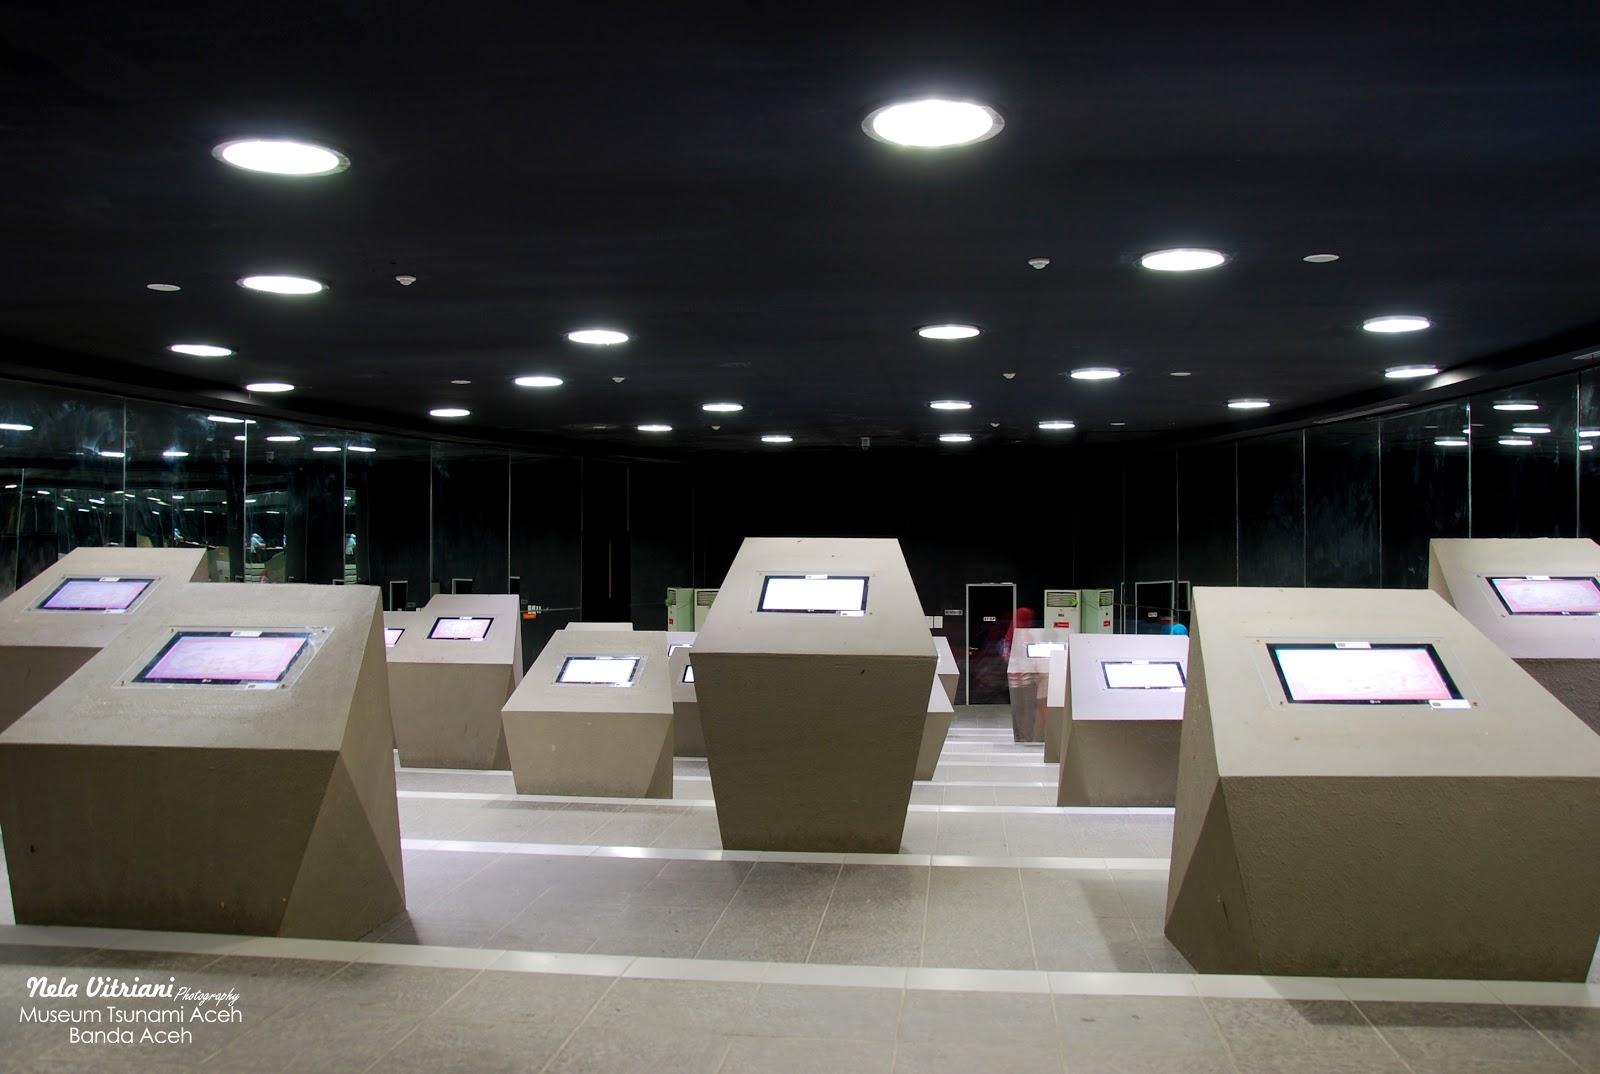 Museum Tsunami Aceh Galeri Foto